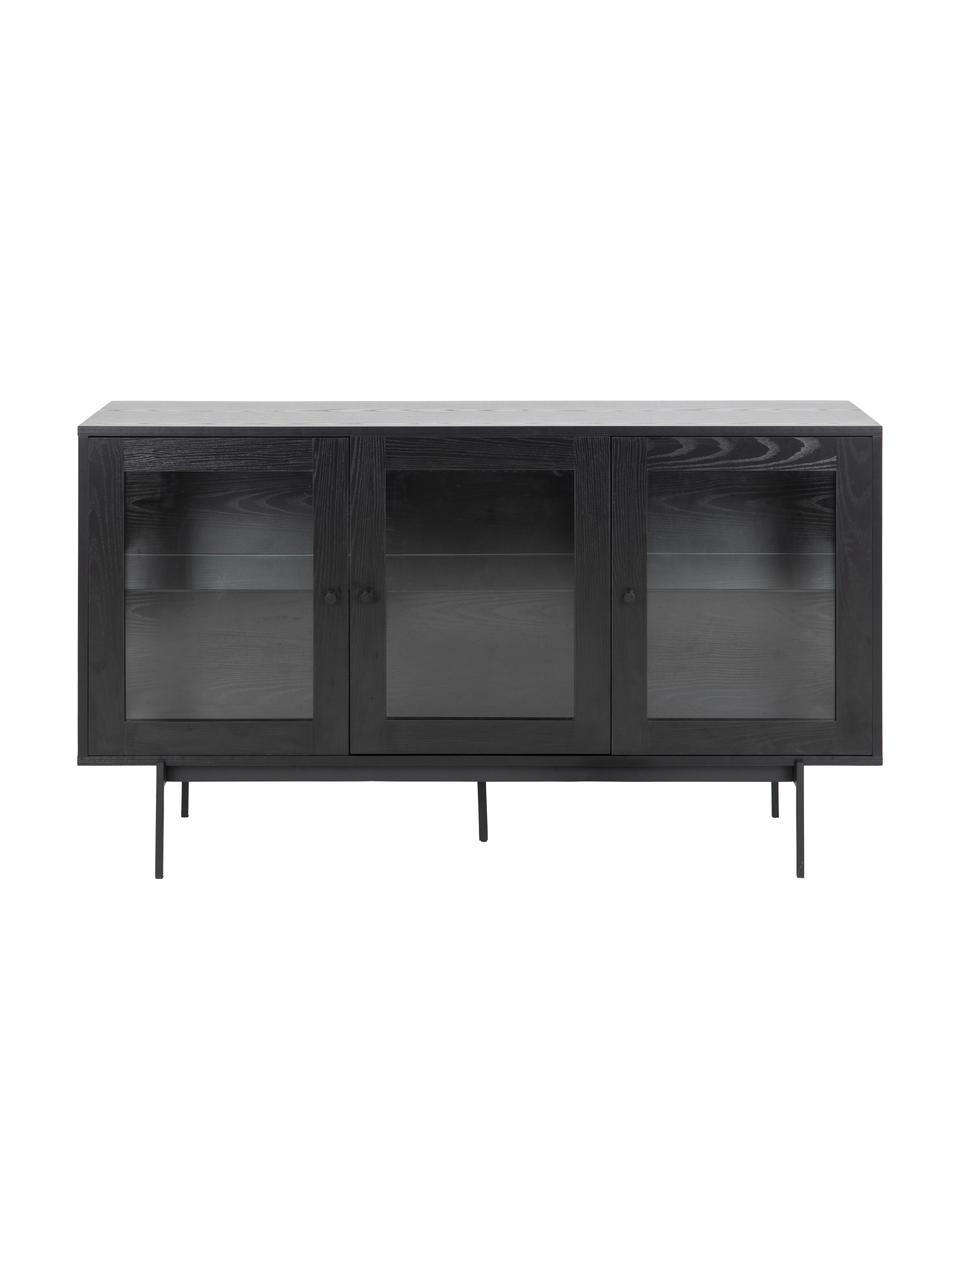 Schwarzes Sideboard Angus mit Glastüren, Korpus: Mitteldichte Holzfaserpla, Einlegeböden: Glas, Füße: Metall, beschichtet, Schwarz, Transparent, 140 x 82 cm